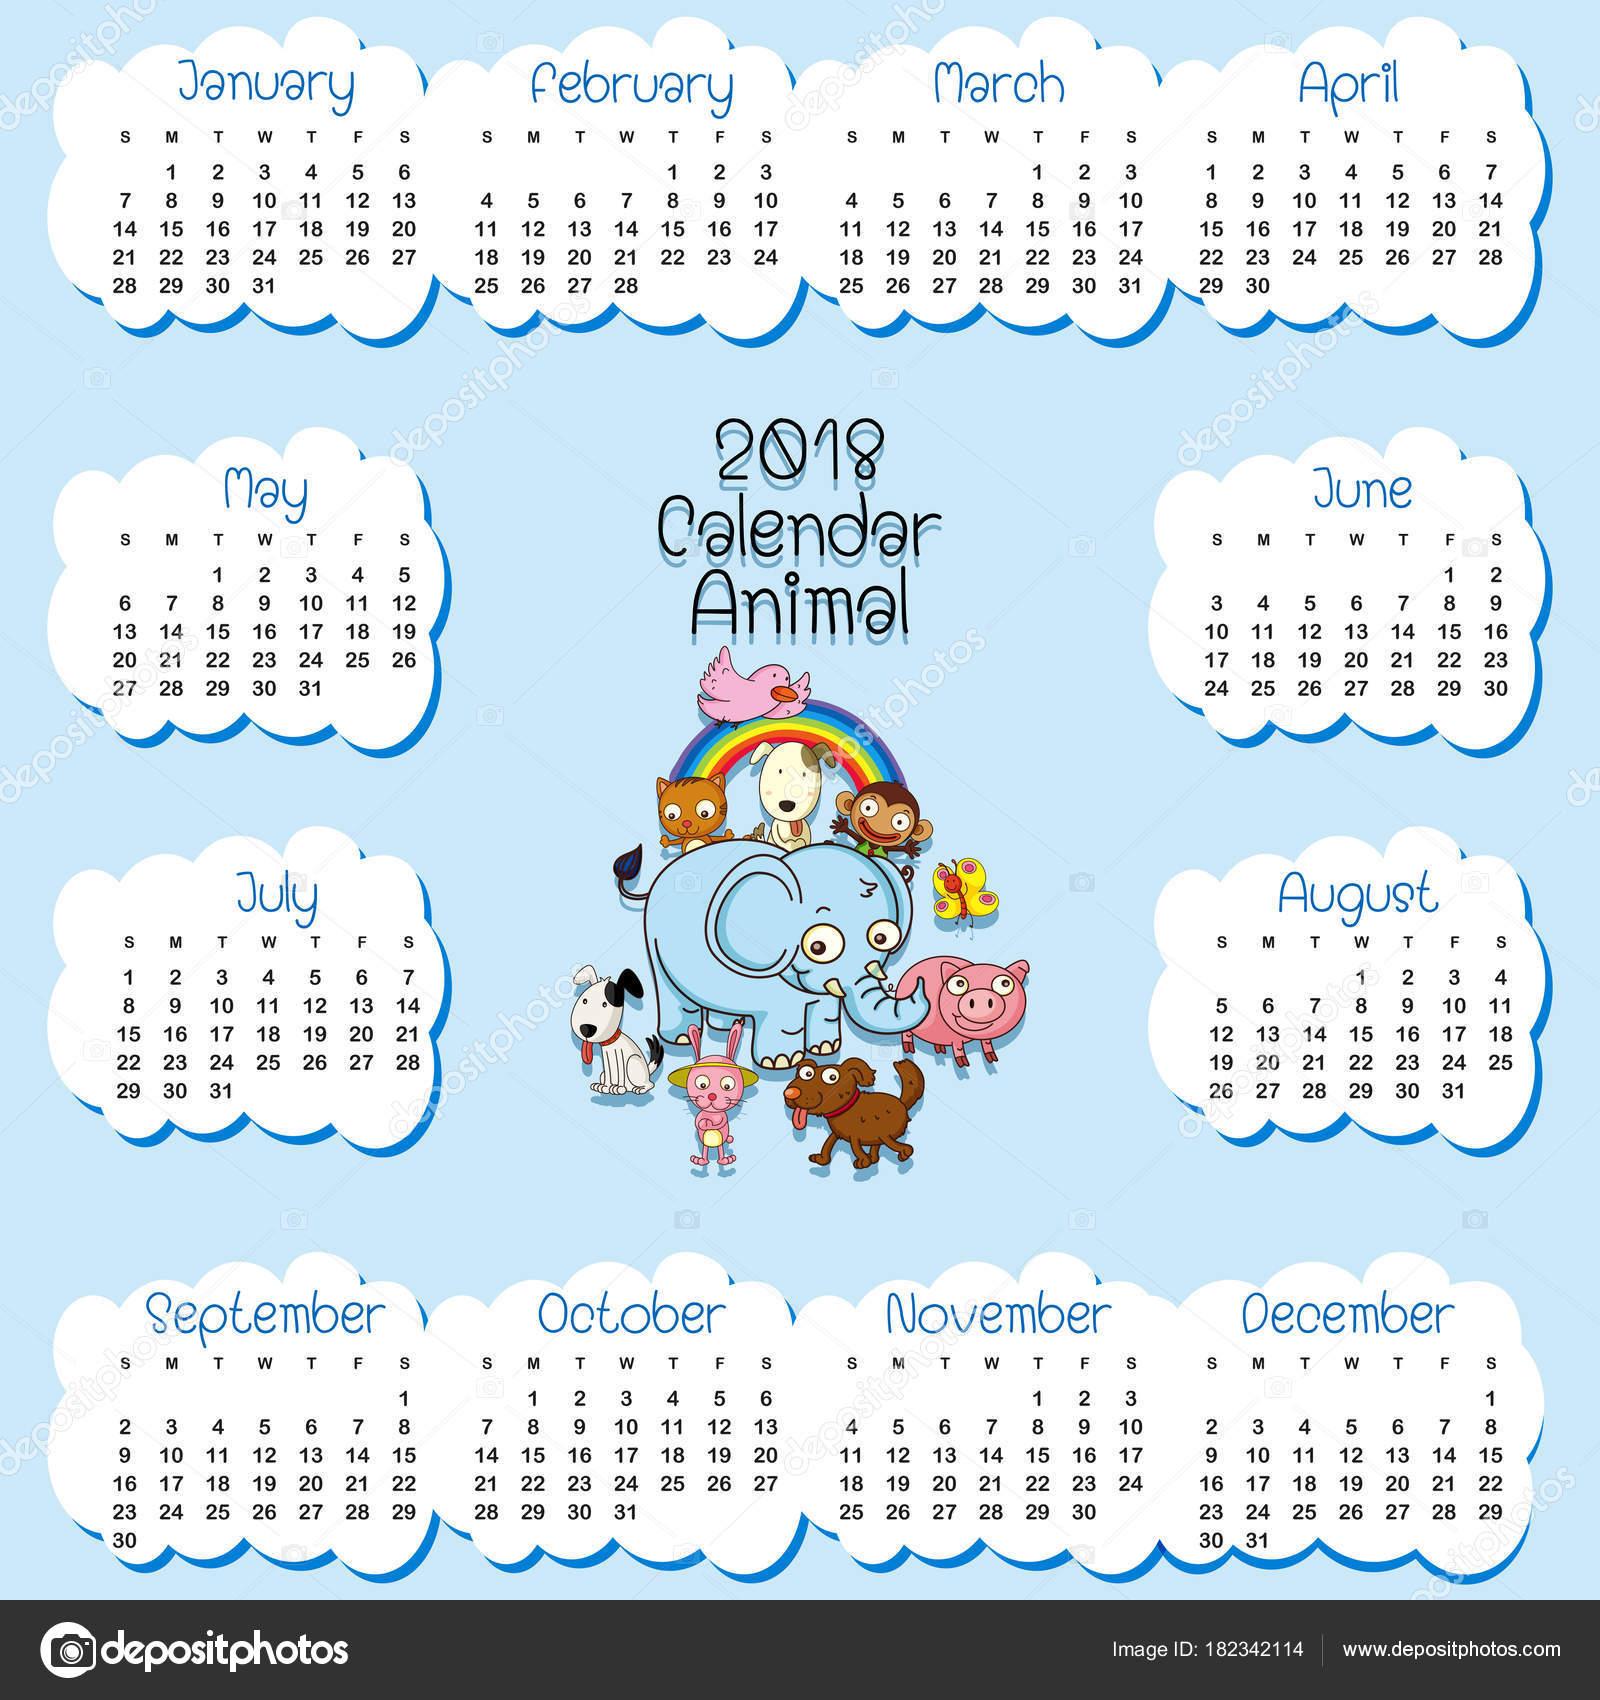 Calendario plantilla para 2018 con muchos animales — Vector de stock ...